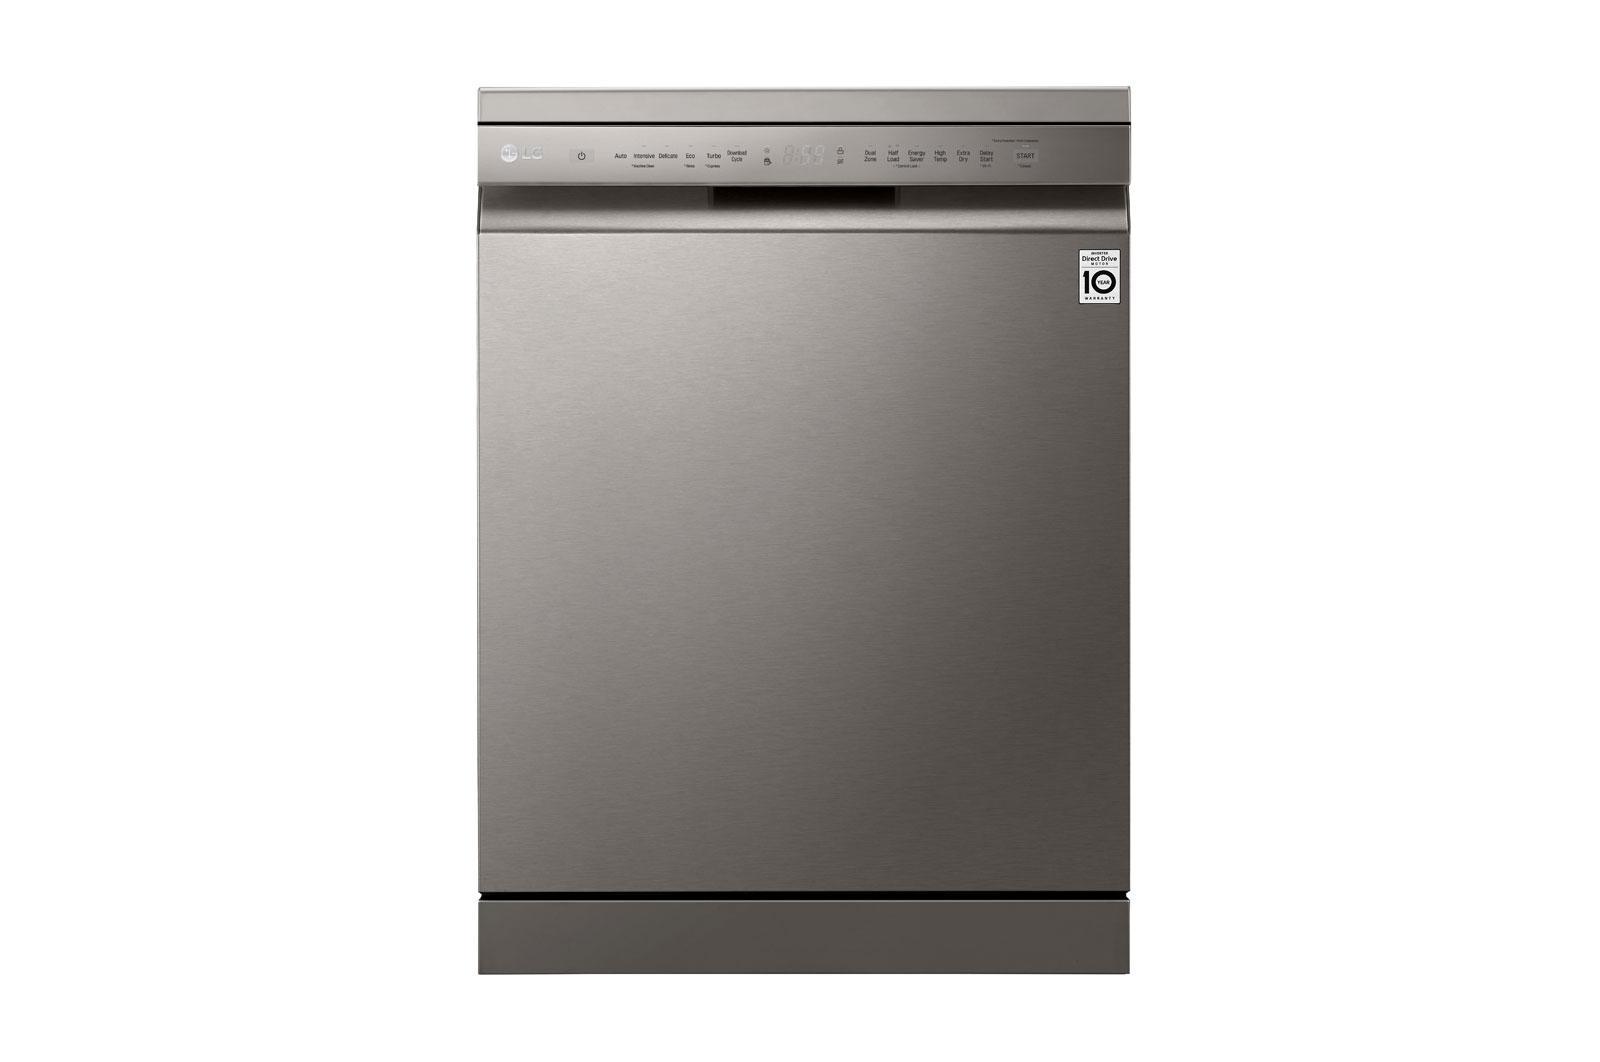 Πλυντήριο Πιάτων με τεχνολογία QuadWash™ - DF212FP main image